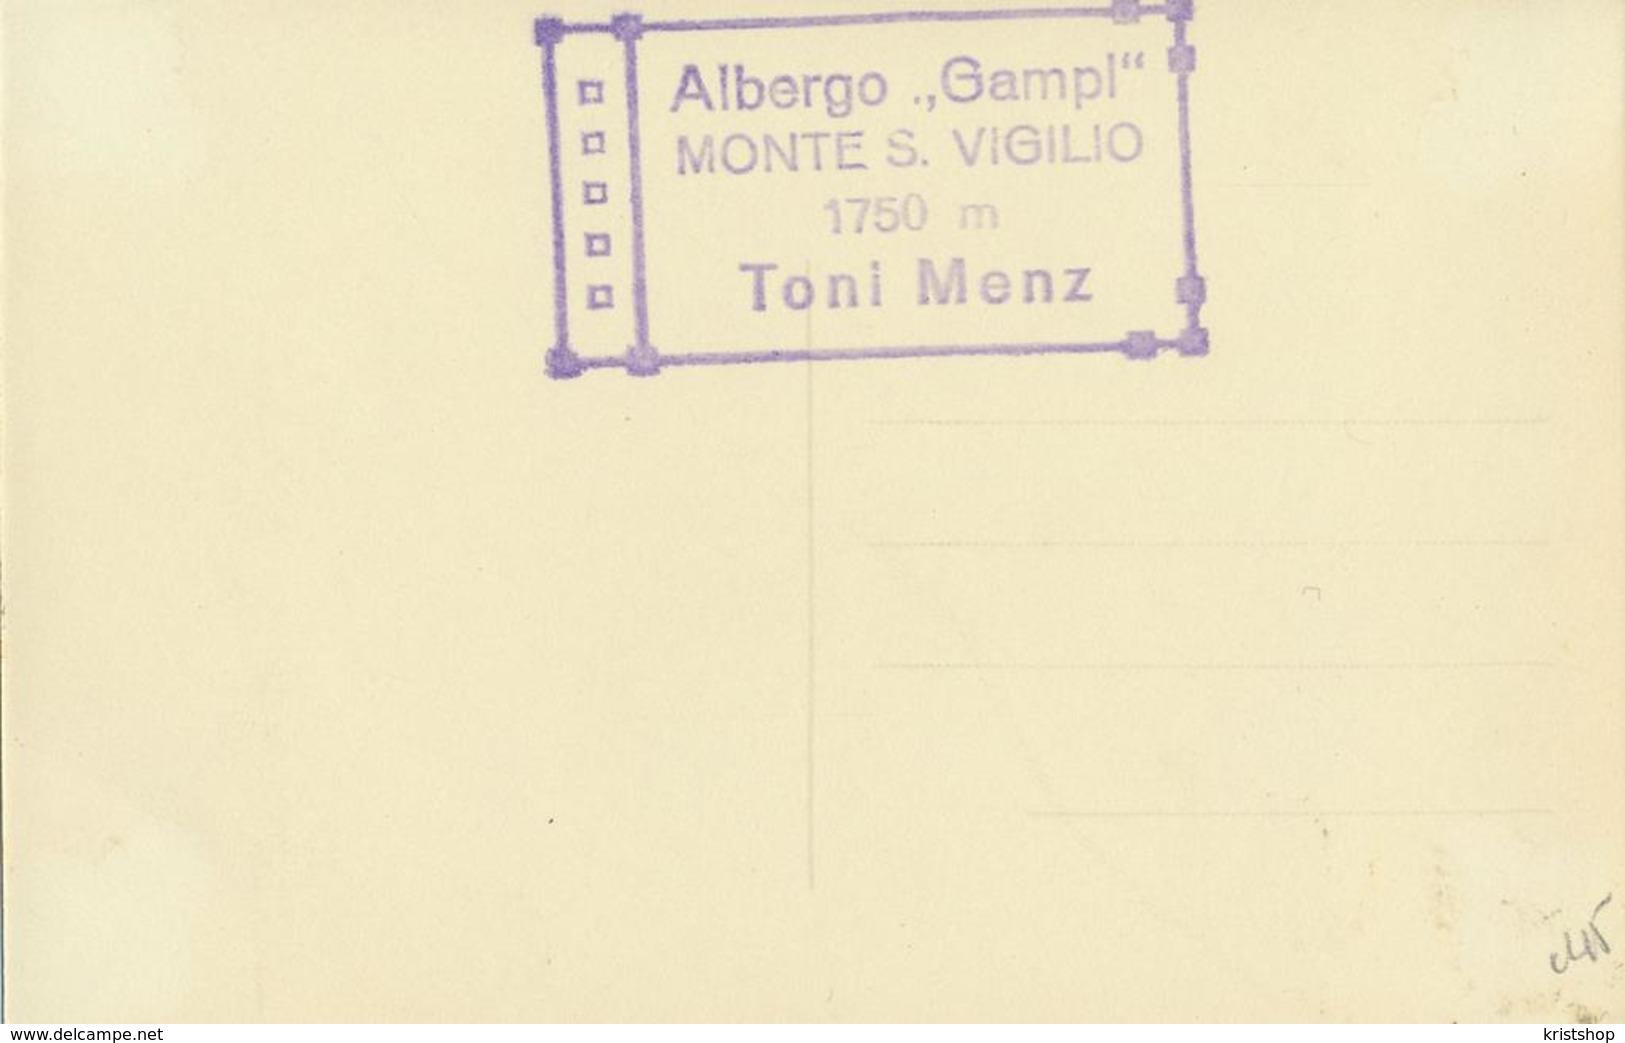 Albergo Gampi - Monte S. Vigilio - Albergo Gampi (Hotel) [AA20-2.045 - Non Classés